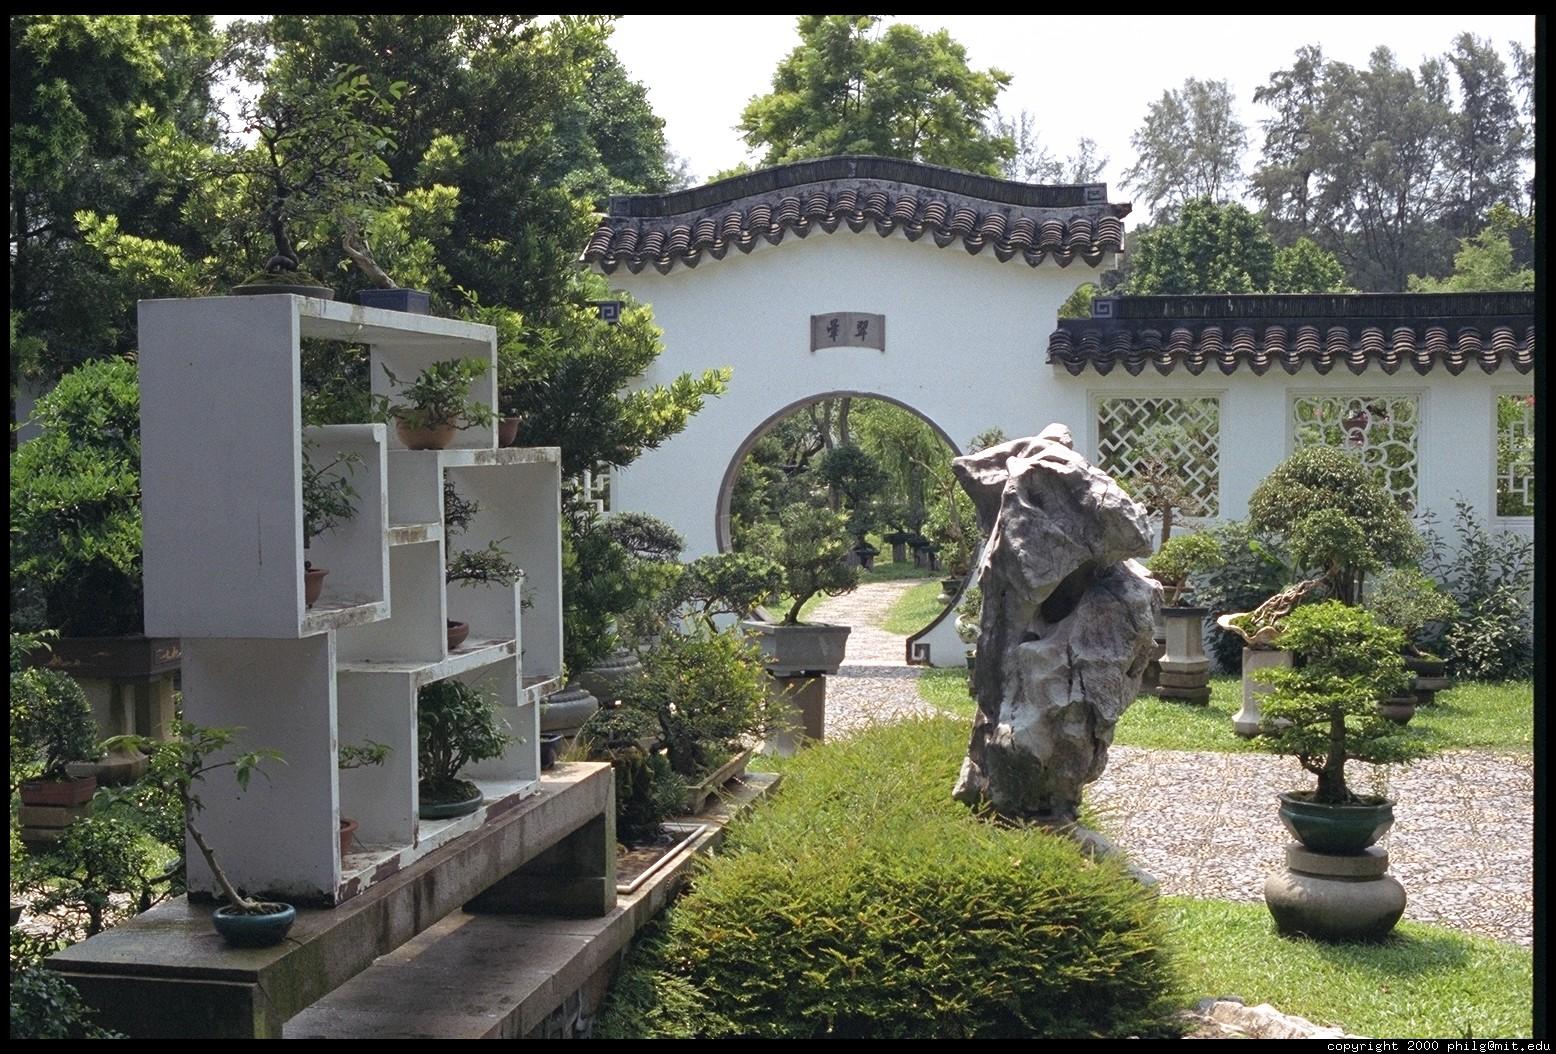 Chinese Gardens Singapore 1556 x 1054